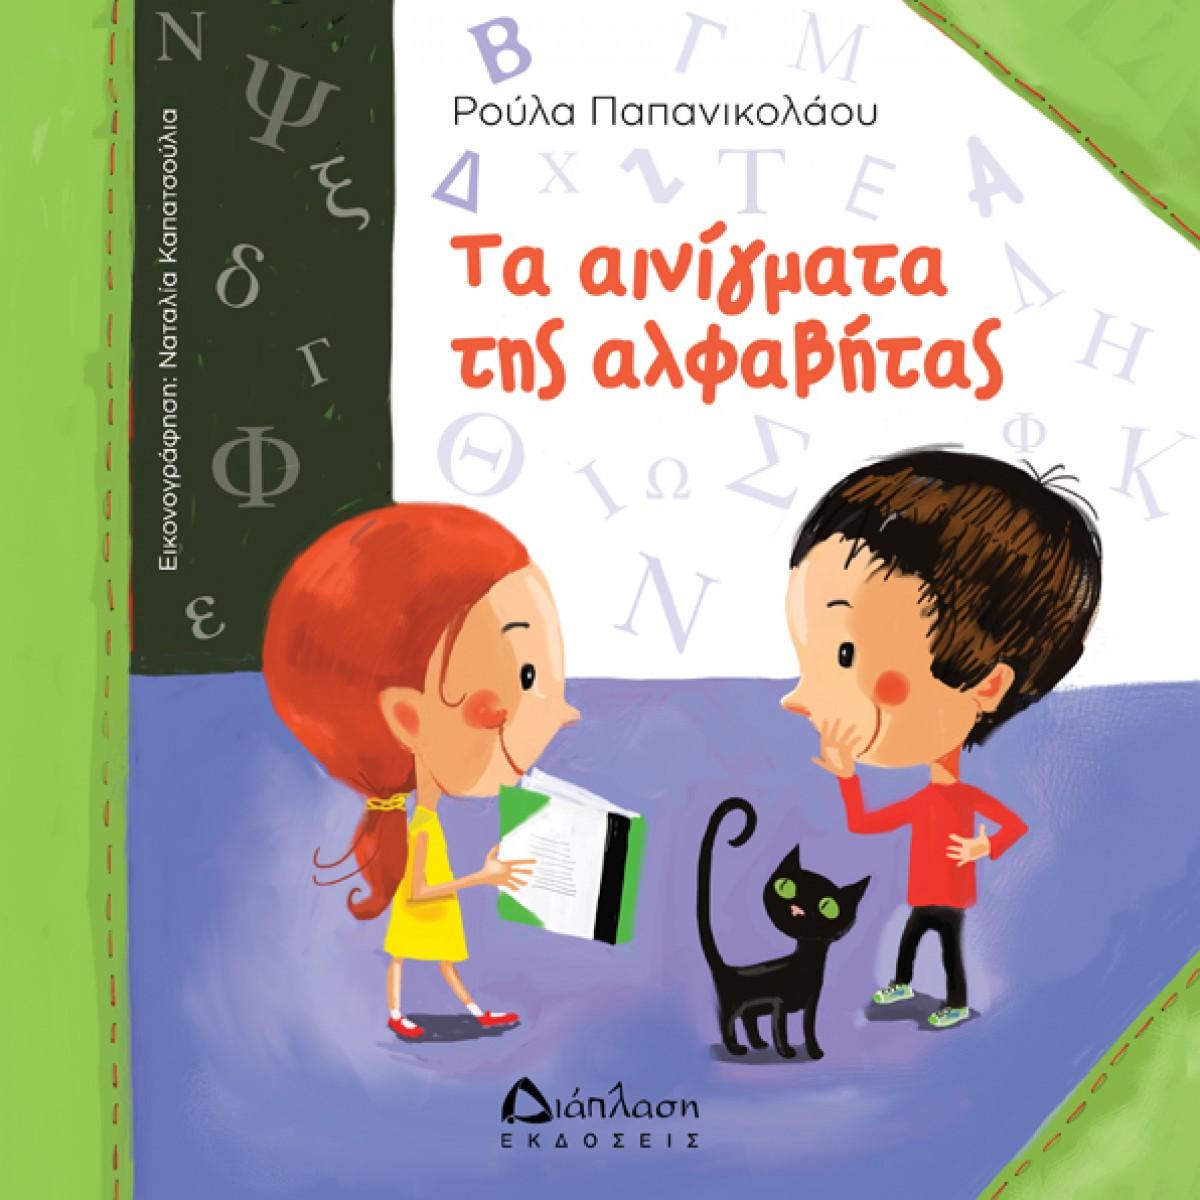 ΤΑ ΑΙΝΙΓΜΑΤΑ ΤΗΣ ΑΛΦΑΒΗΤΑΣ Παιδικά Βιβλία